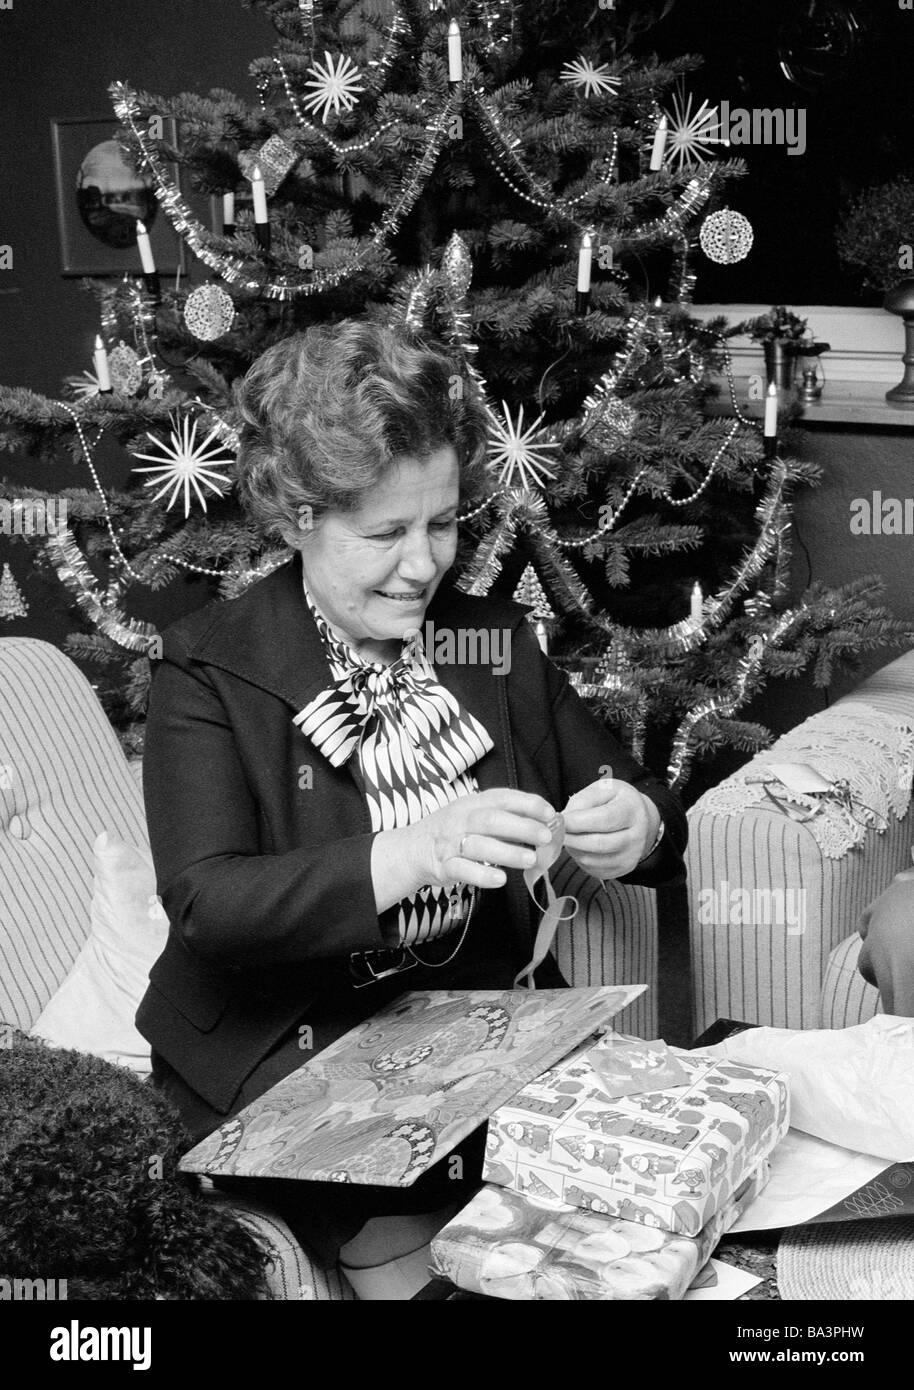 70er jahre im alter von schwarz wei foto weihnachten. Black Bedroom Furniture Sets. Home Design Ideas